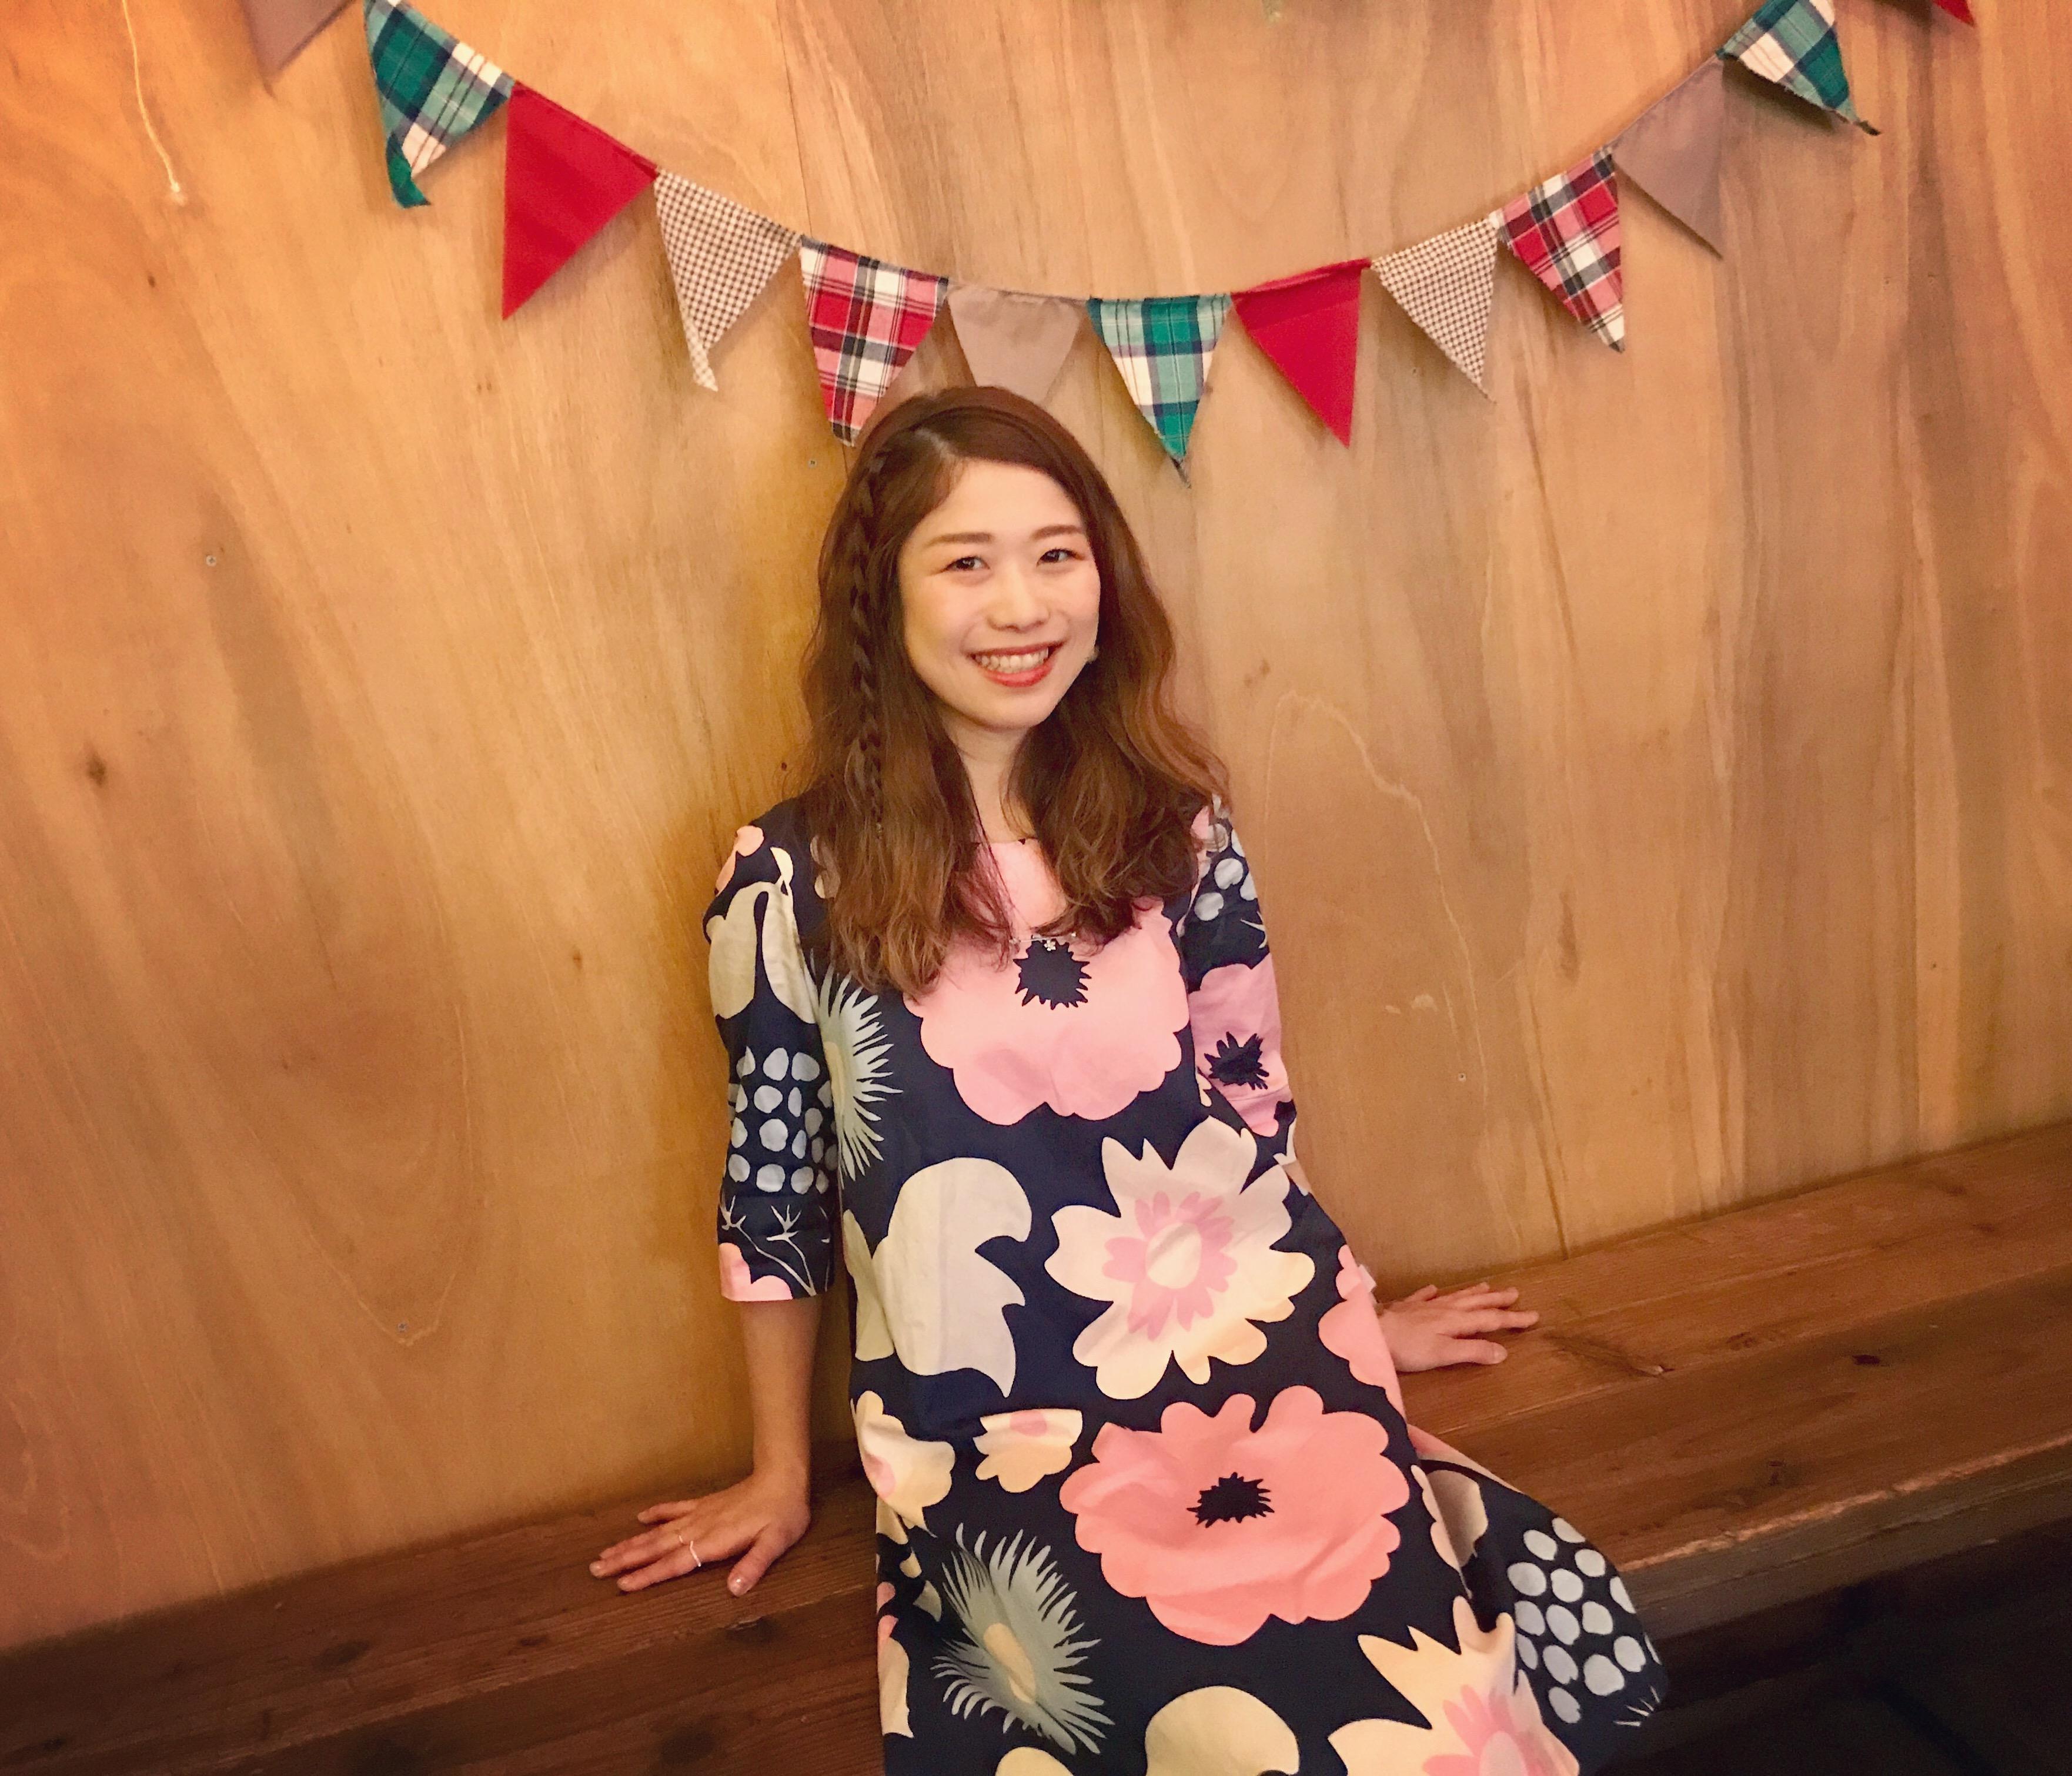 【春服】春本番!どんなファッションで出かけよう!【コーディネート】_1